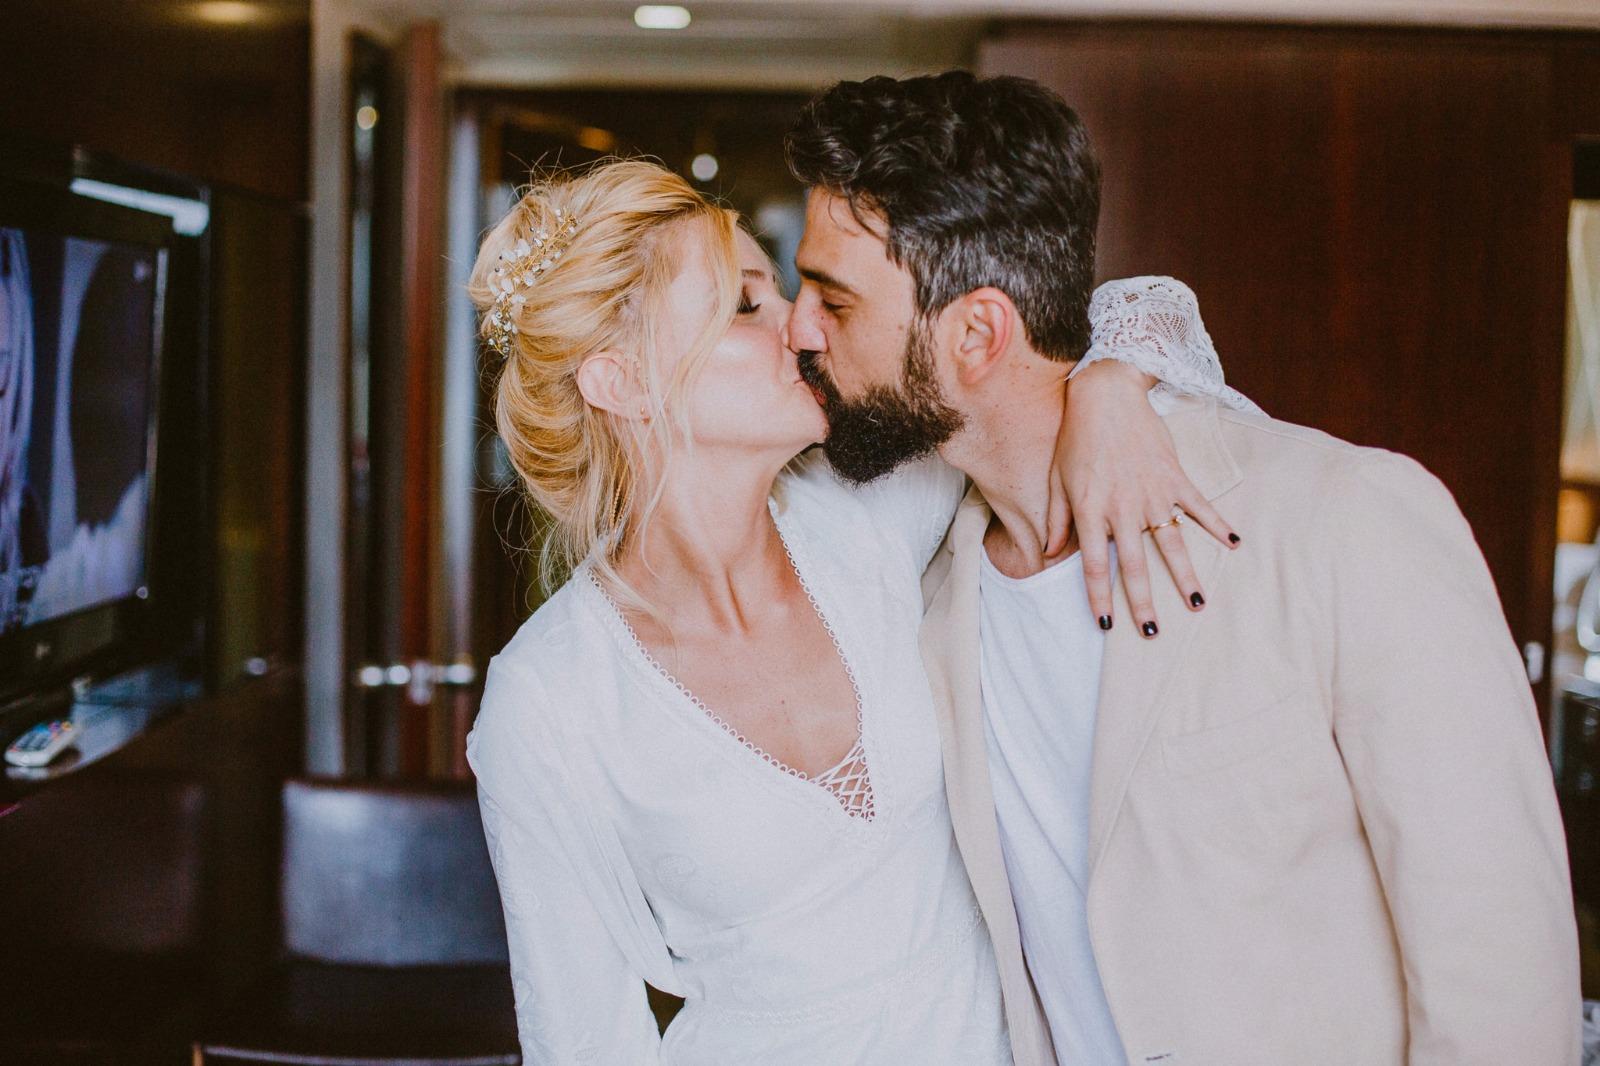 פרצו לחופה בריצה: החתונה של תום ואיילה